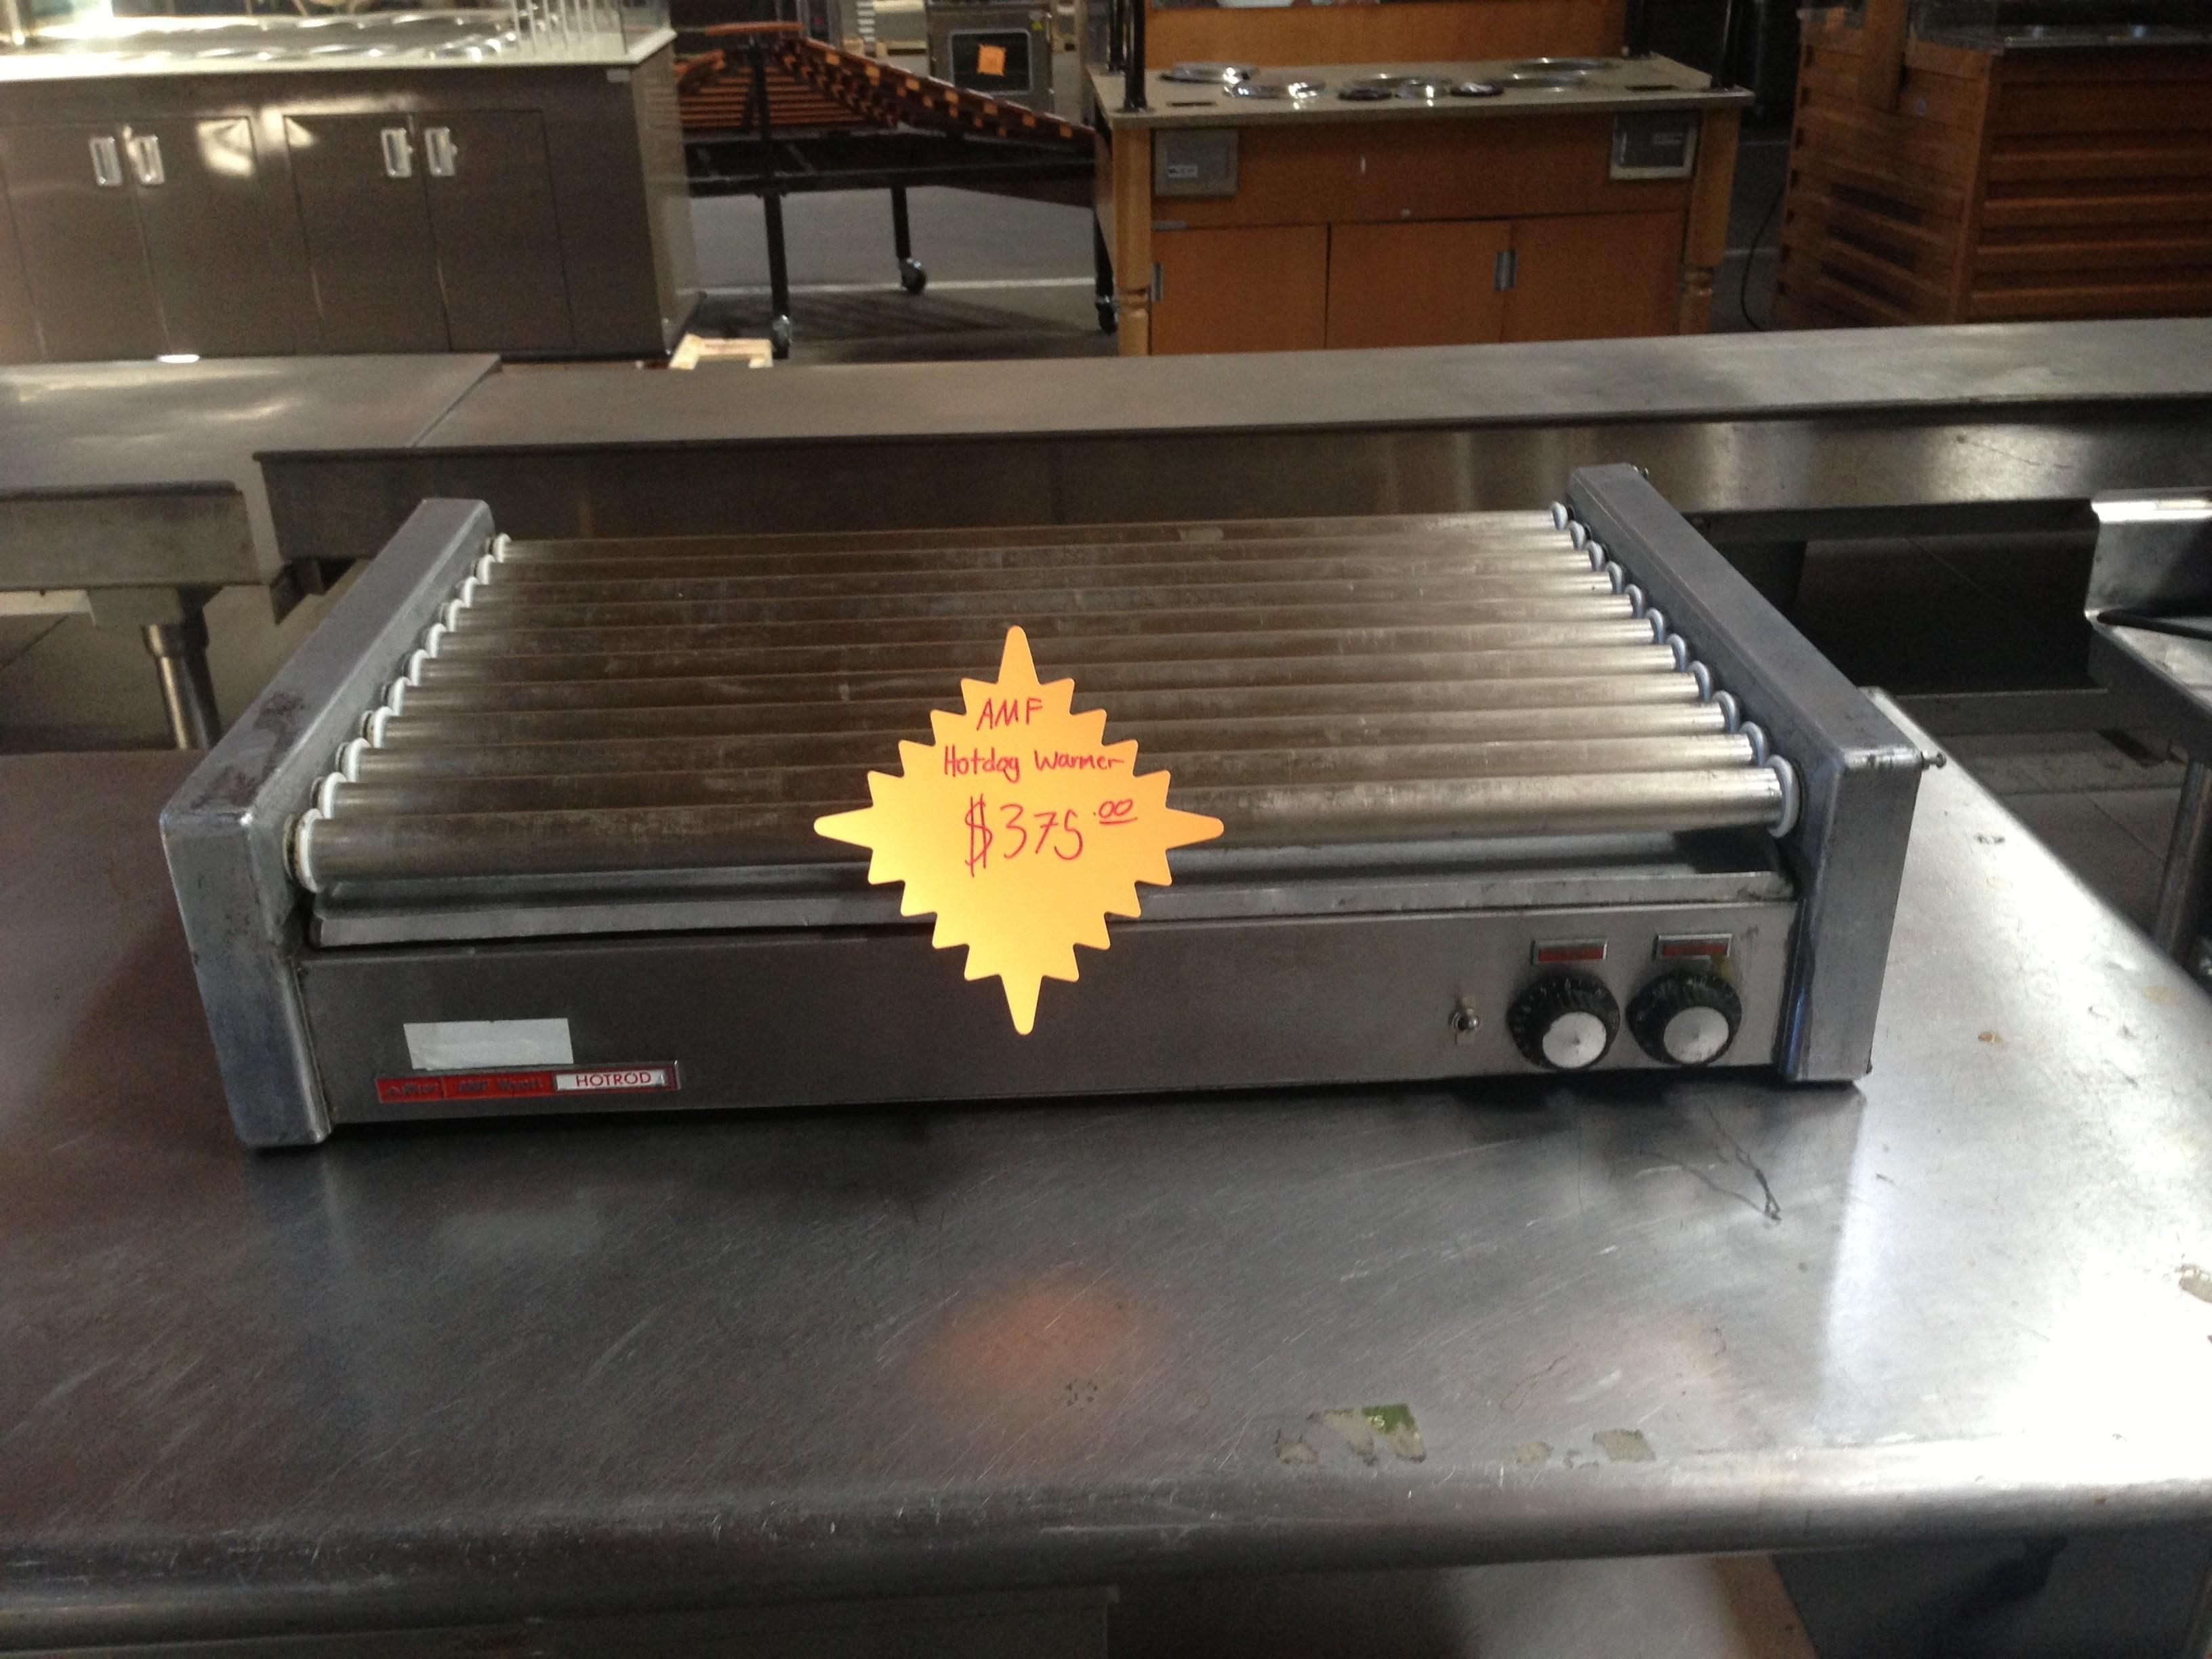 Hotdog Roller/Warmer